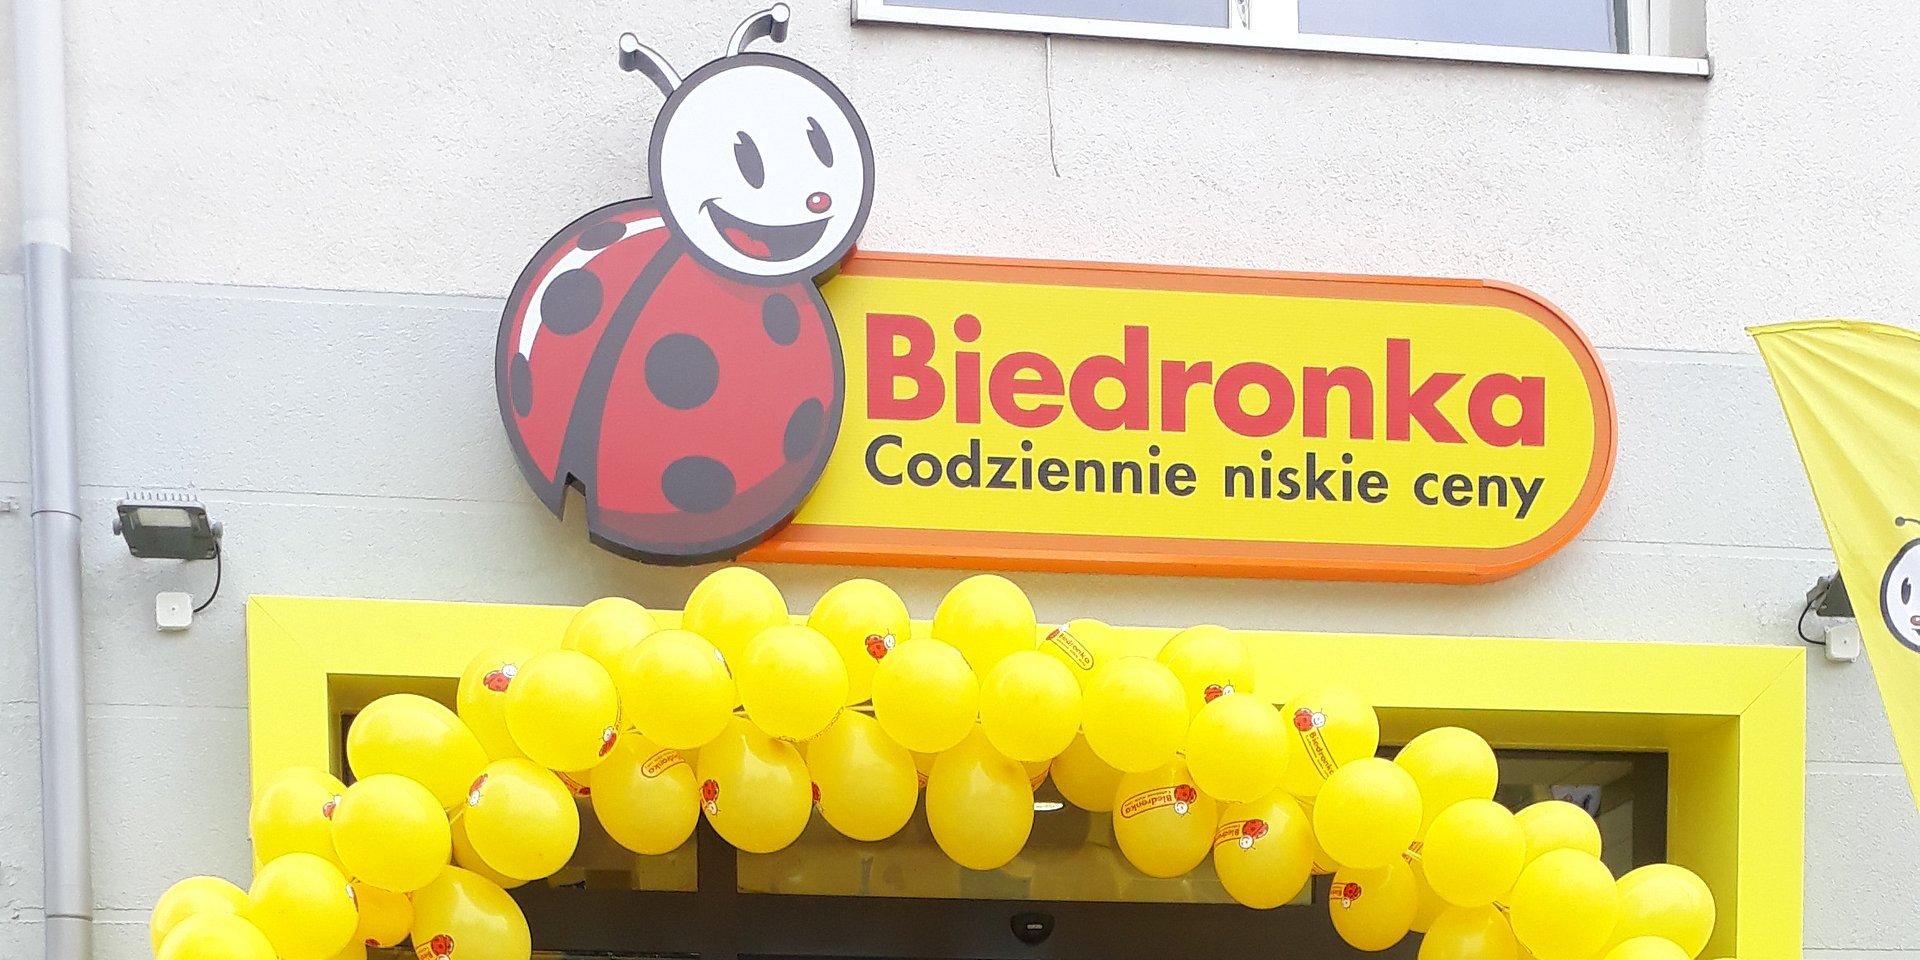 Gratka dla mieszkańców Dolnego Śląska - aż dwie odnowione Biedronki czekają na klientów